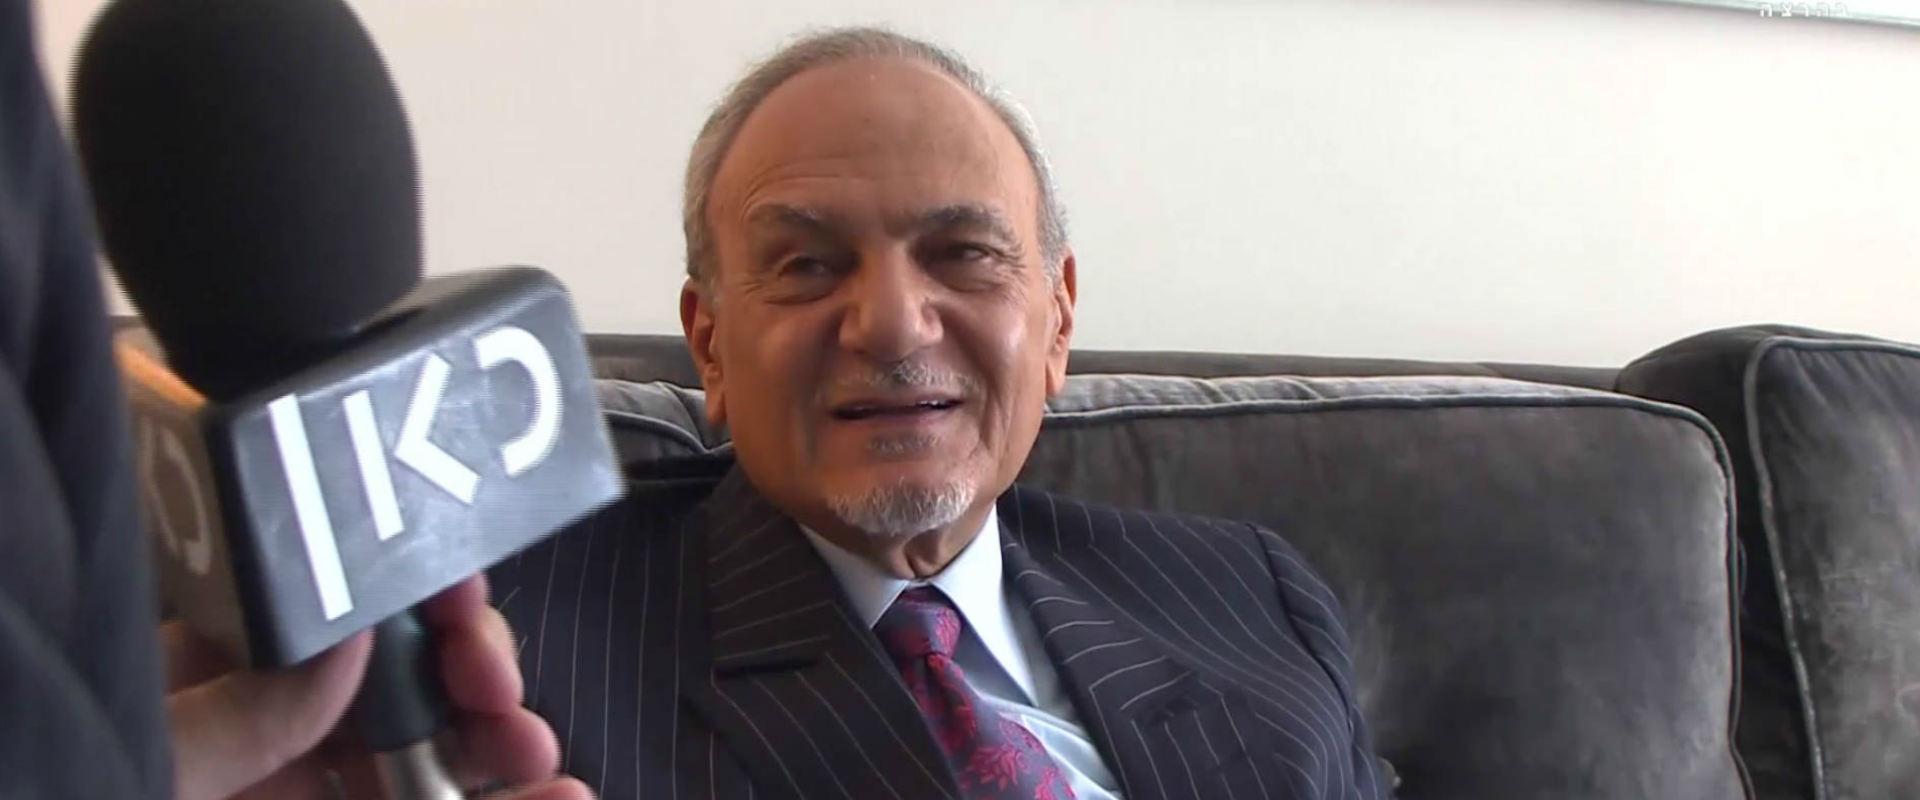 הנסיך הסעודי טורקי אל-פייסל